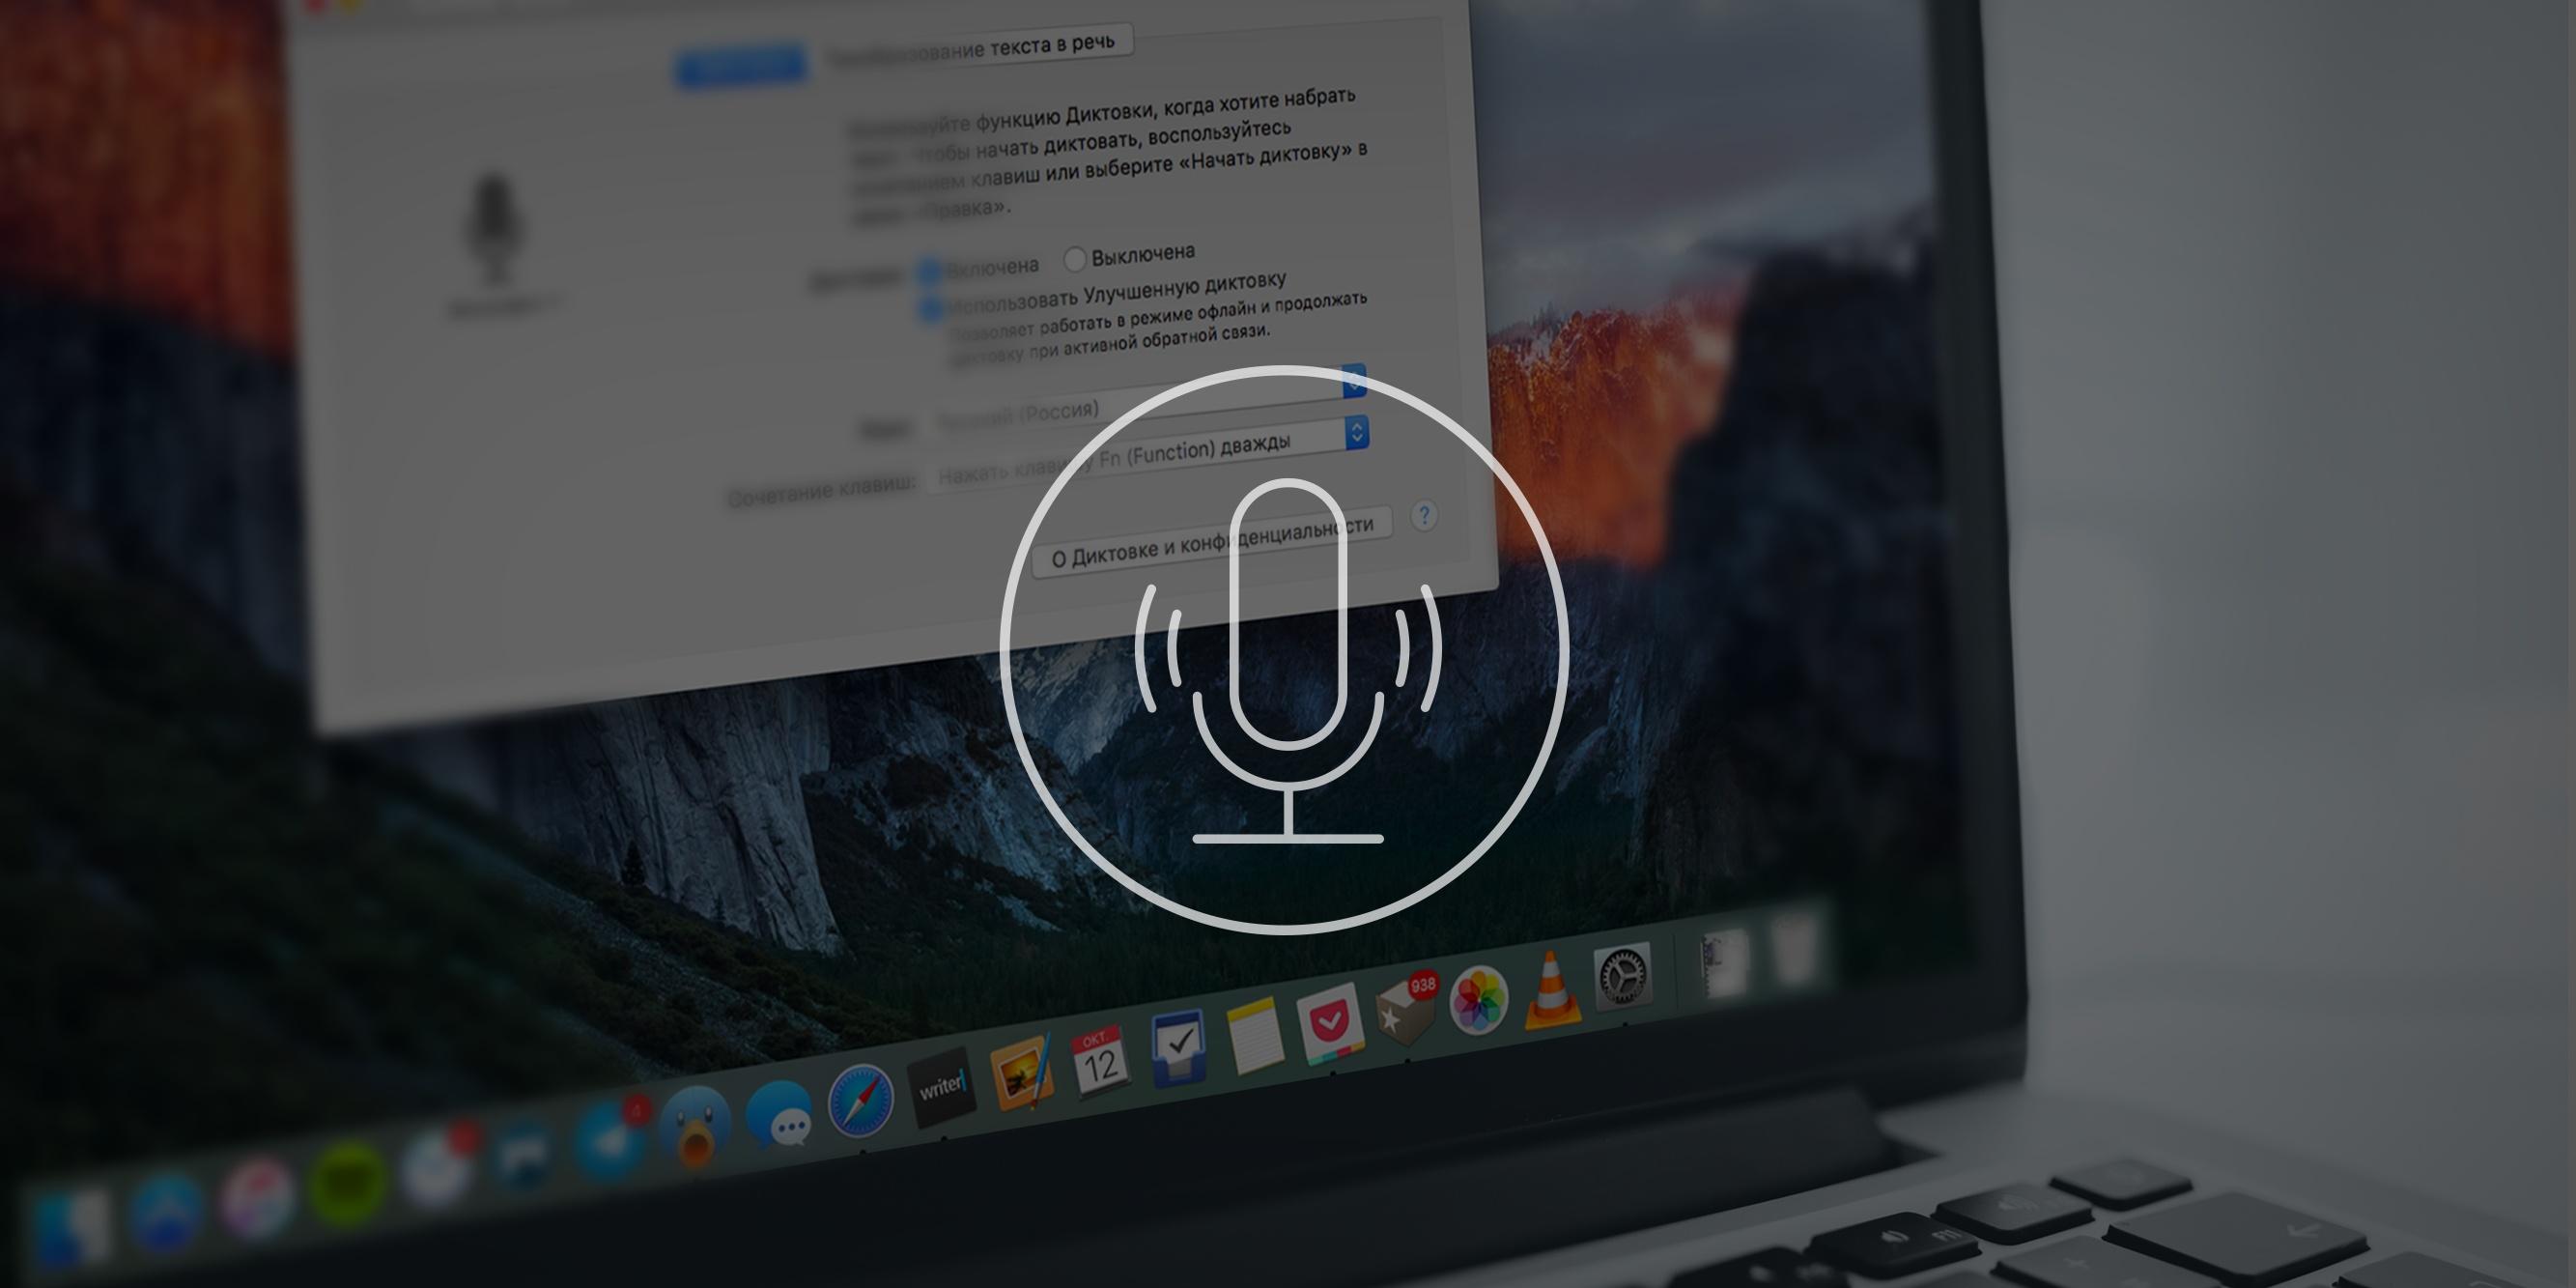 Как использовать диктовку из OS X El Capitan в качестве Siri